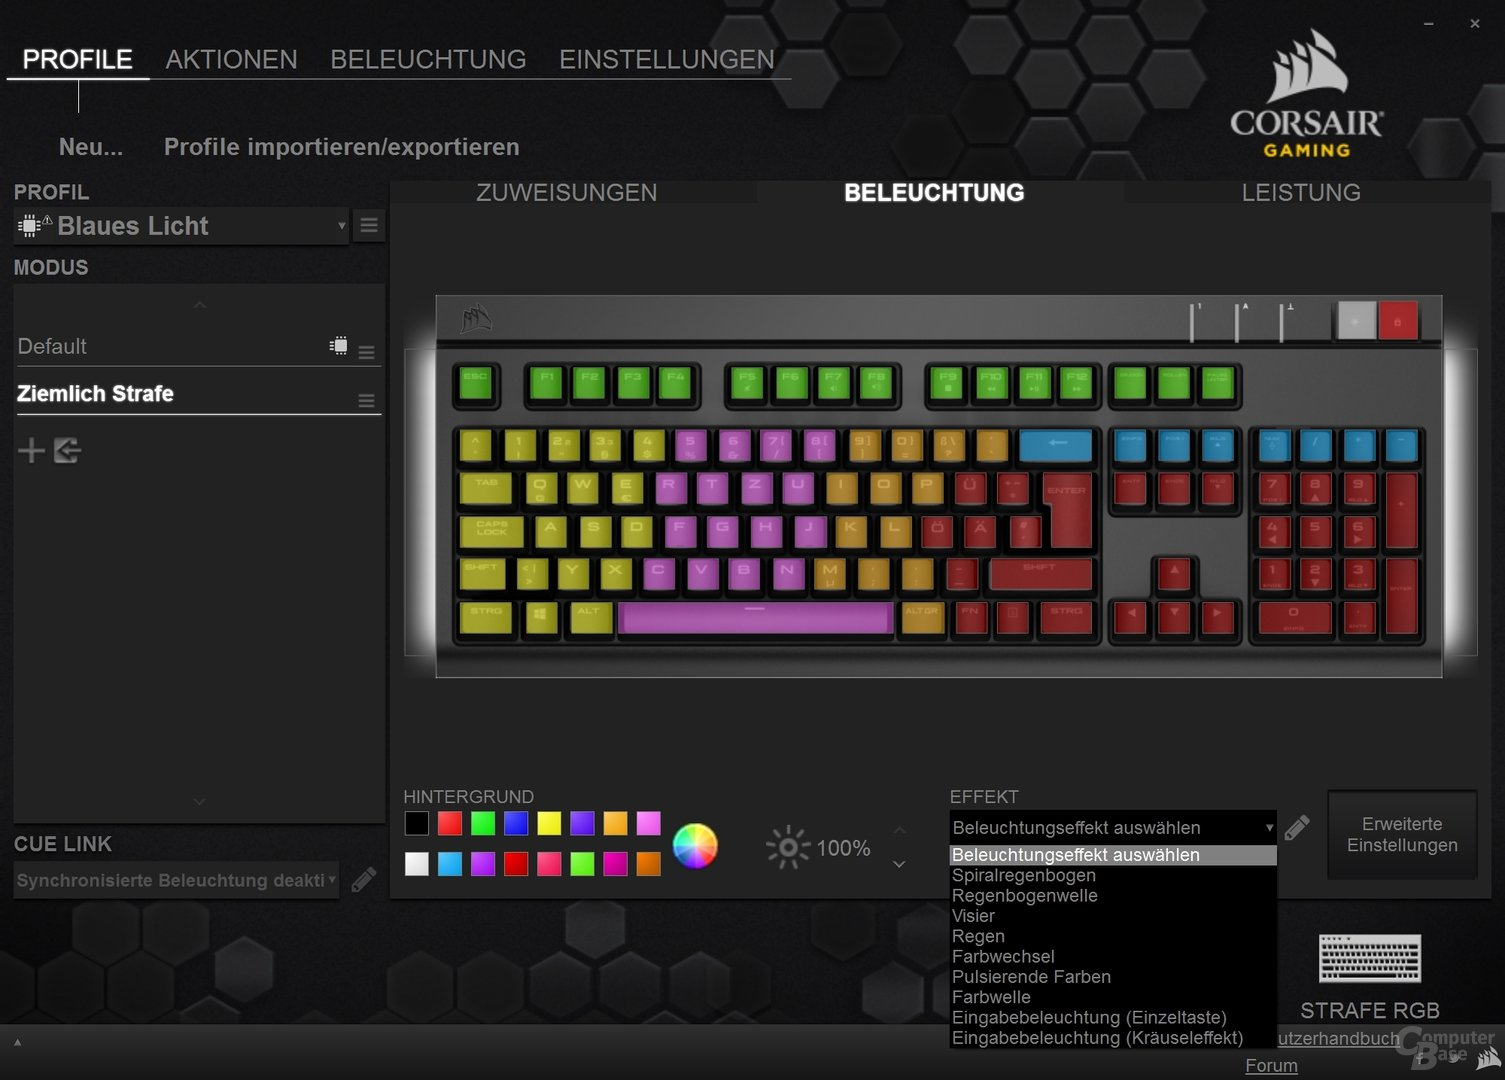 Effekte und, bei der Strafe RGB, Farben können ebenfalls kombiniert und konfiguriert werden